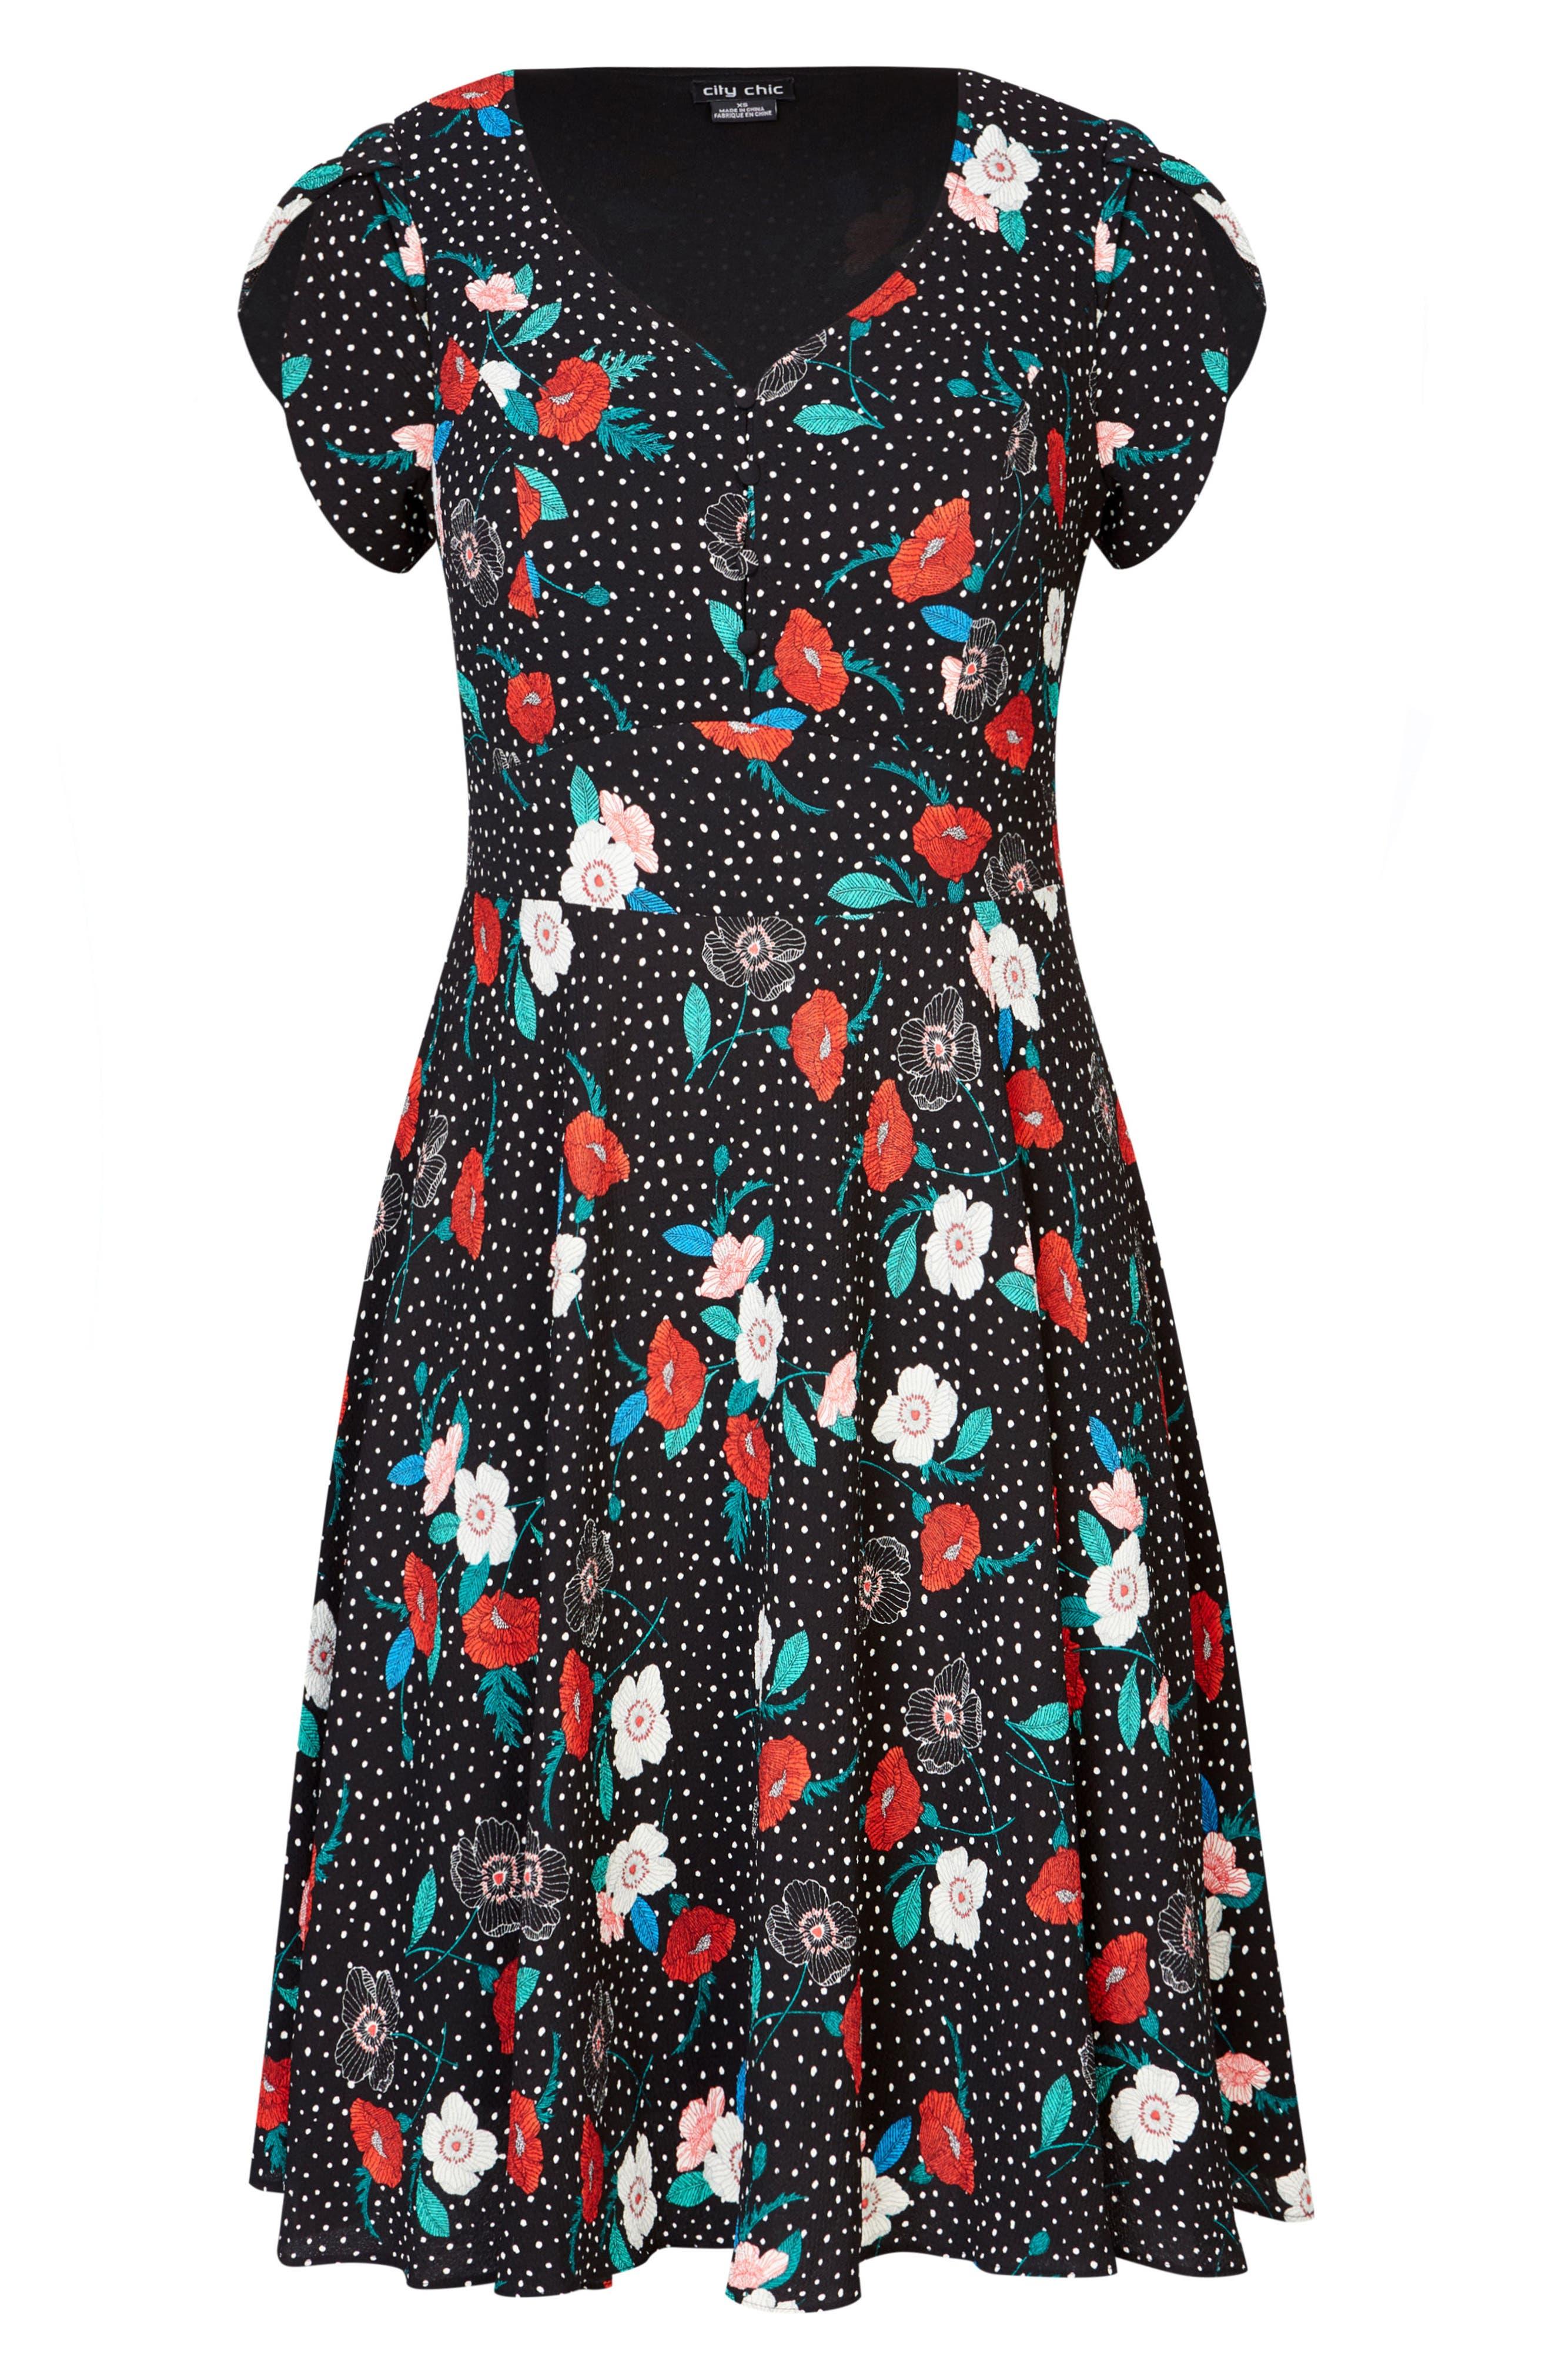 Floral Spot Dress,                             Alternate thumbnail 4, color,                             SPOT FLORAL